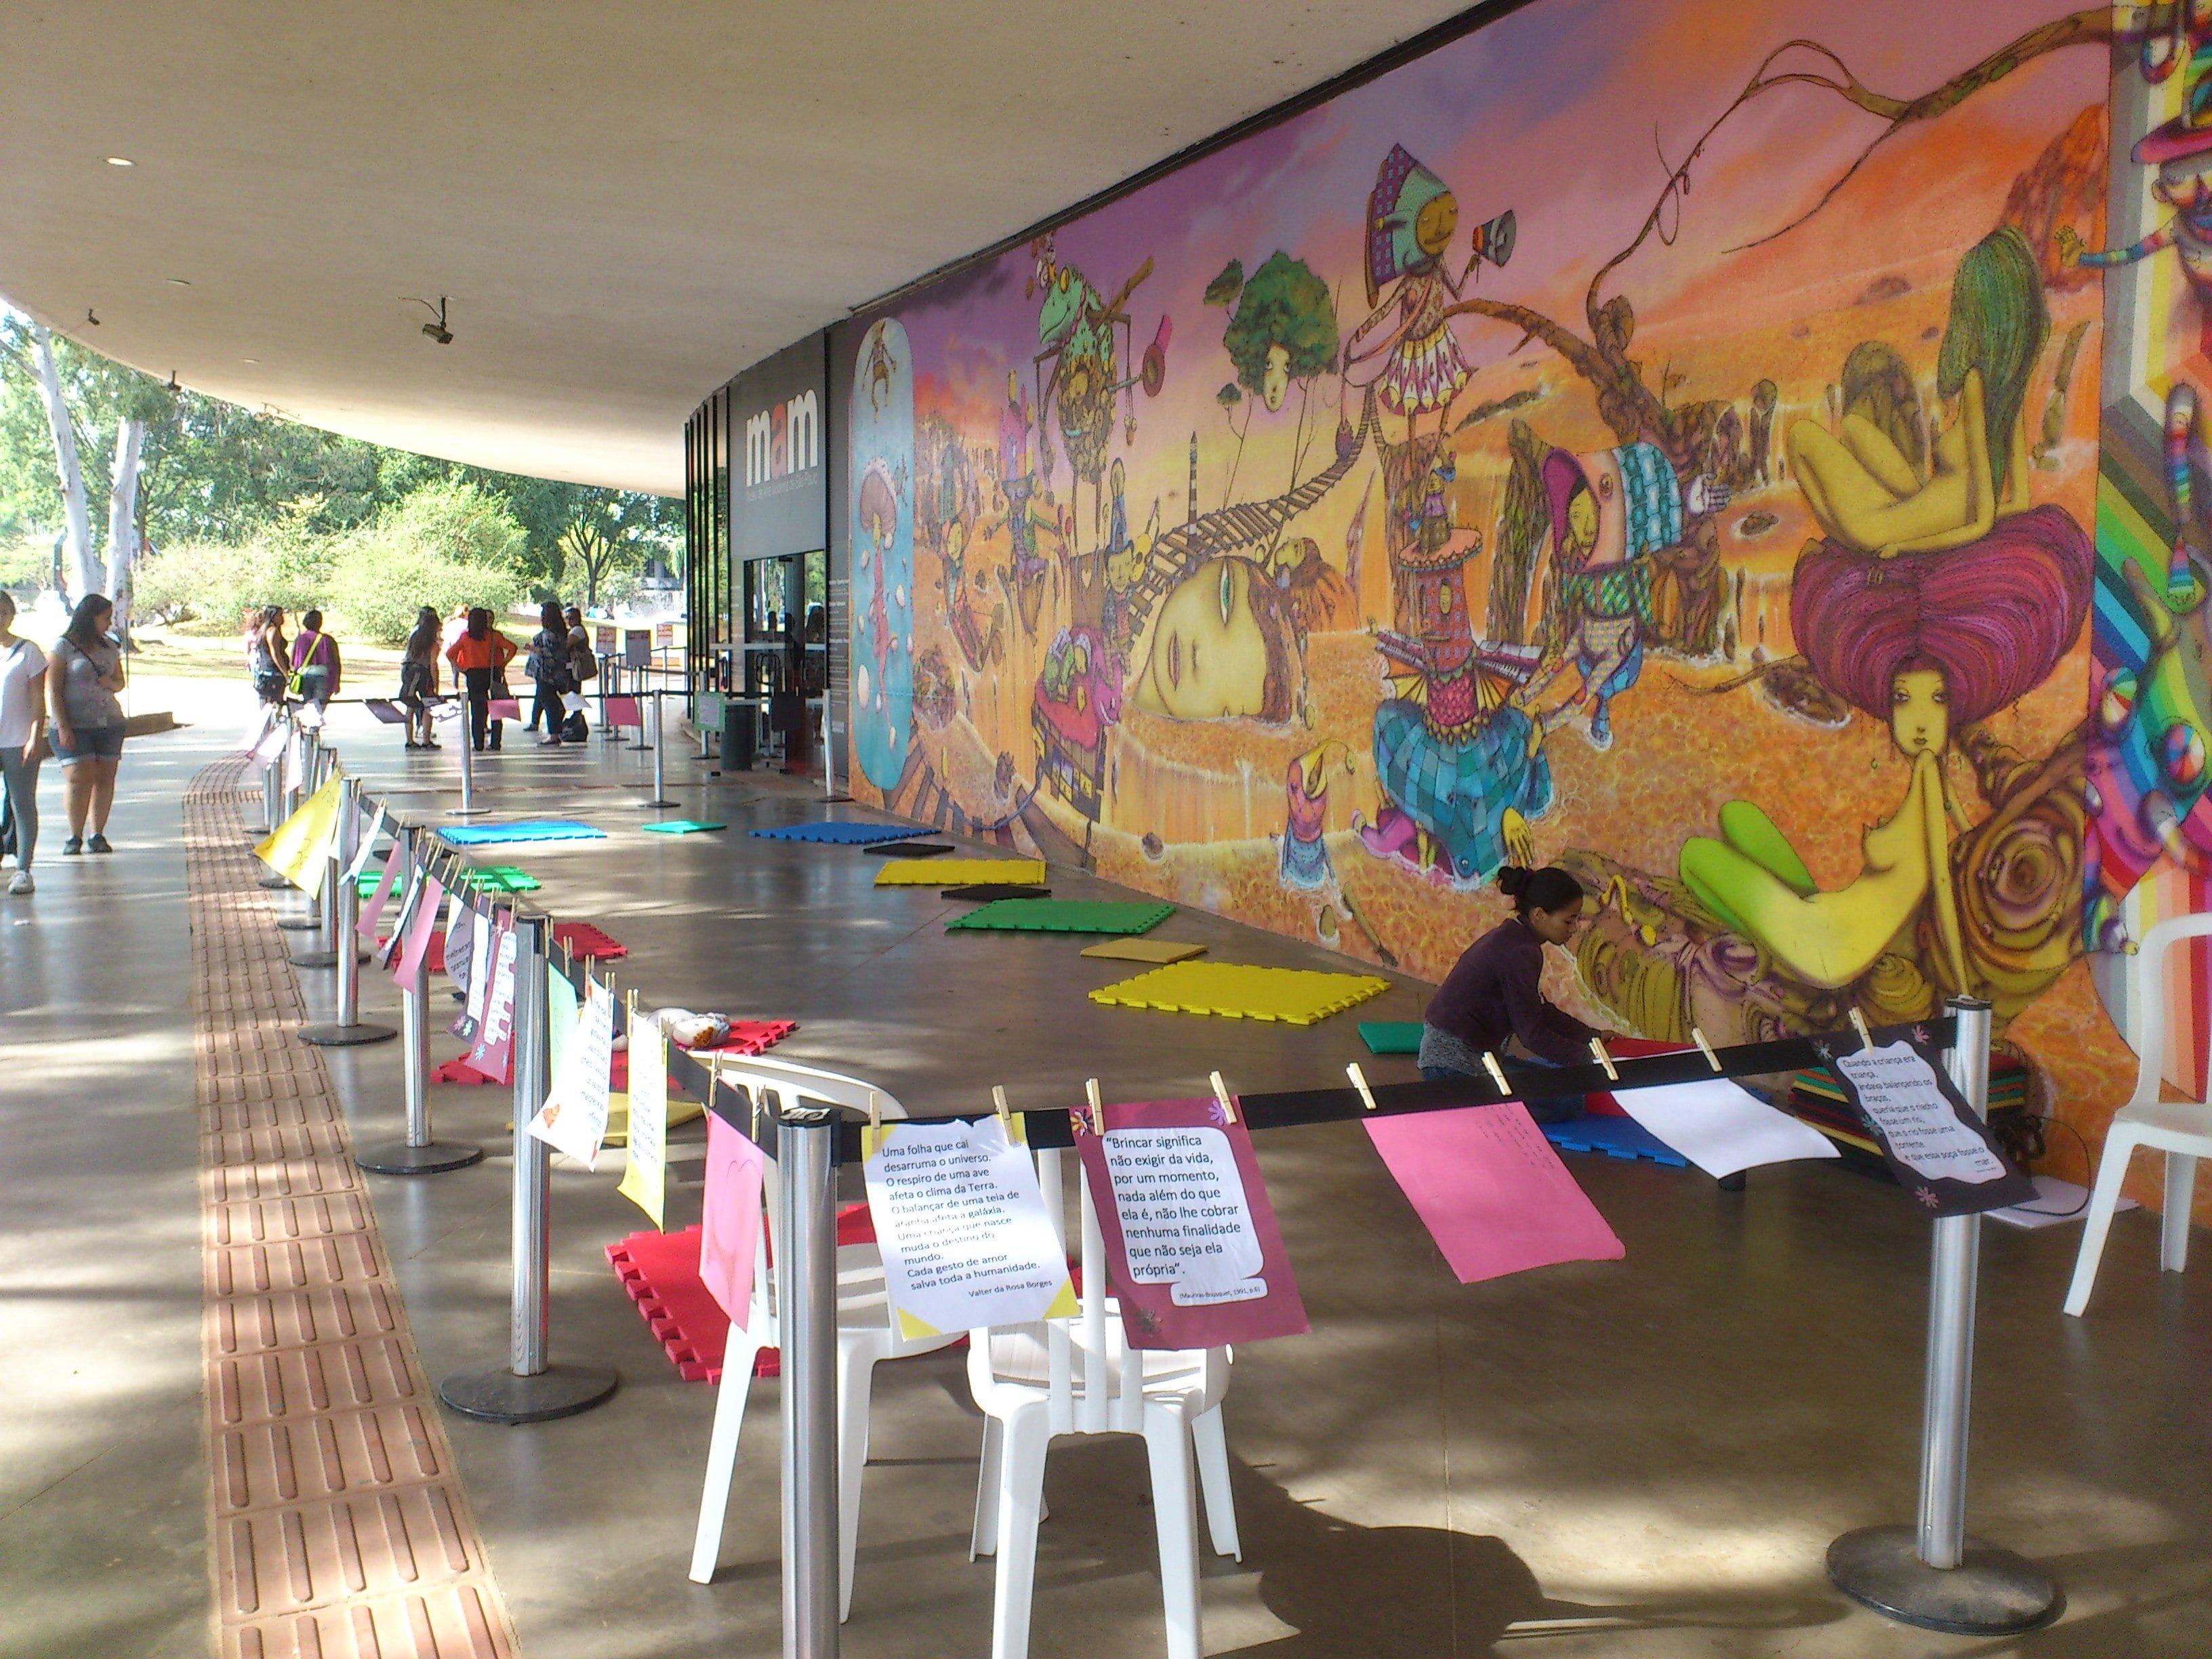 Espaço reservado para crianças, com tapetes coloridos no chão, e folhas coloridas penduradas em um cercado.